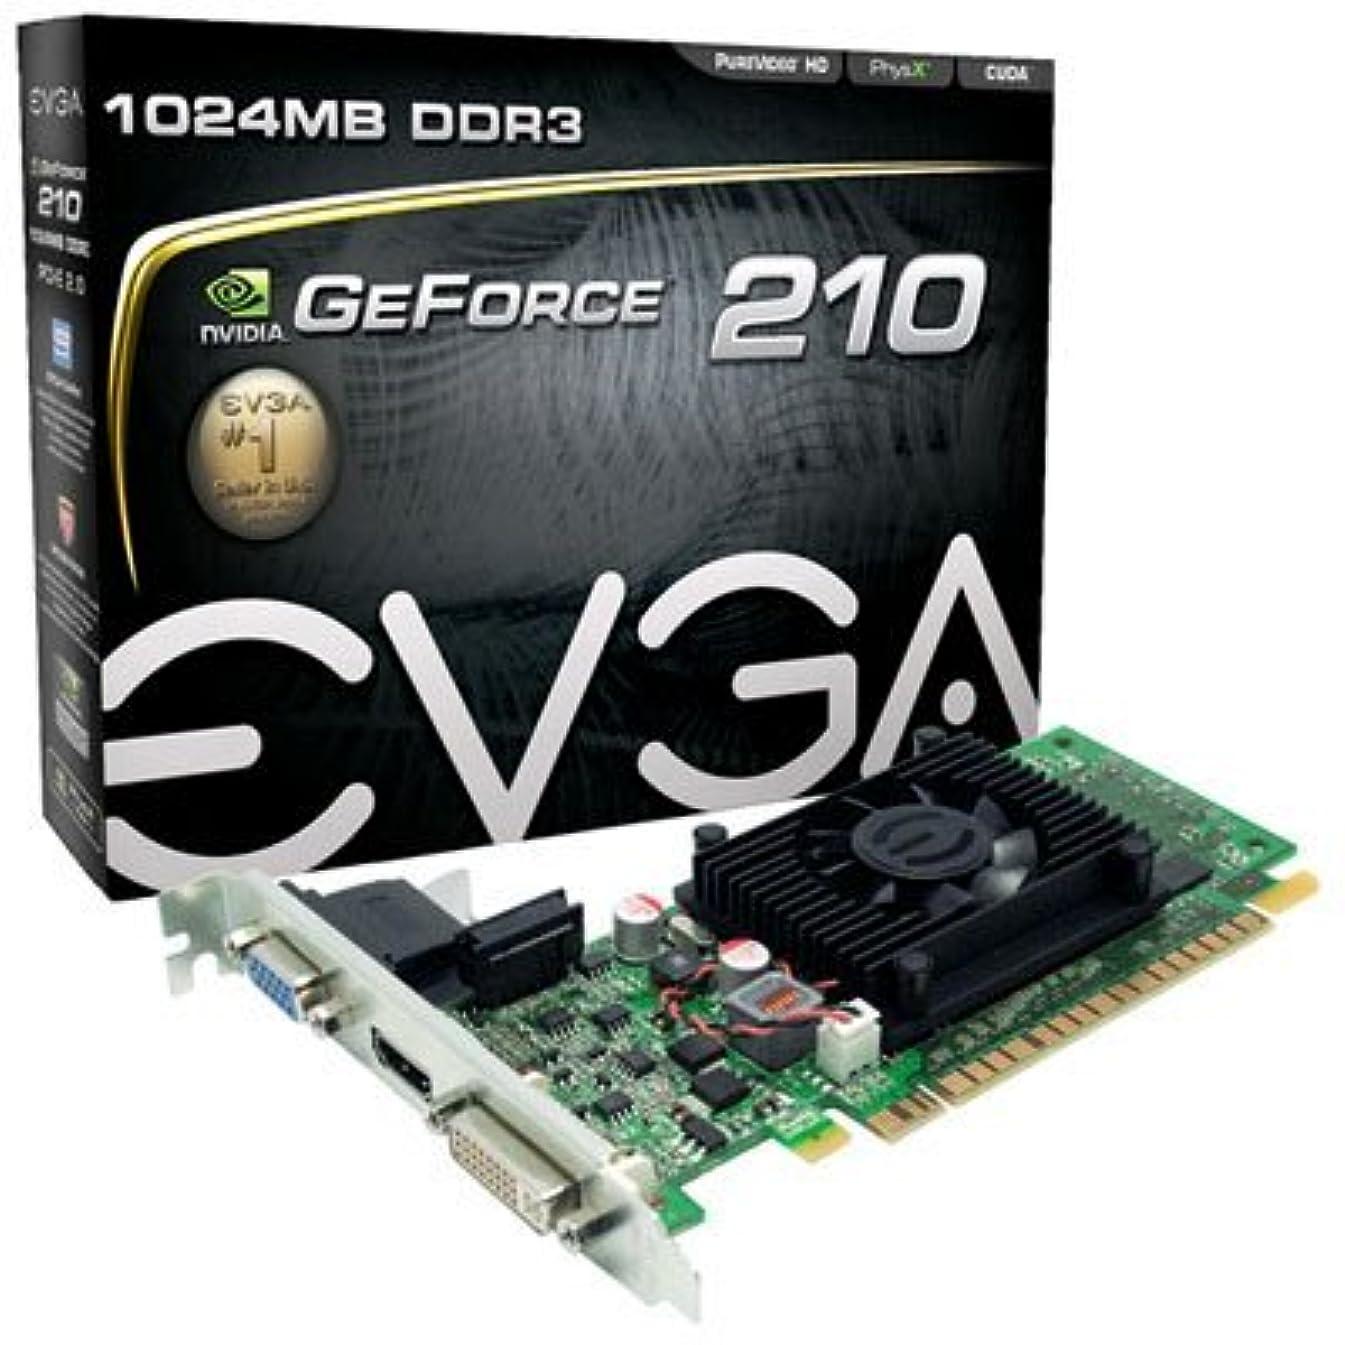 男一過性行商人EVGA 01G-P3-1312-LR GeForce 210 1GB DDR3 Graphics Card 64bit 2560x1600 PCI Express 2.0 x16 VGA DVI HDMI Low Profile by EVGA [並行輸入品]